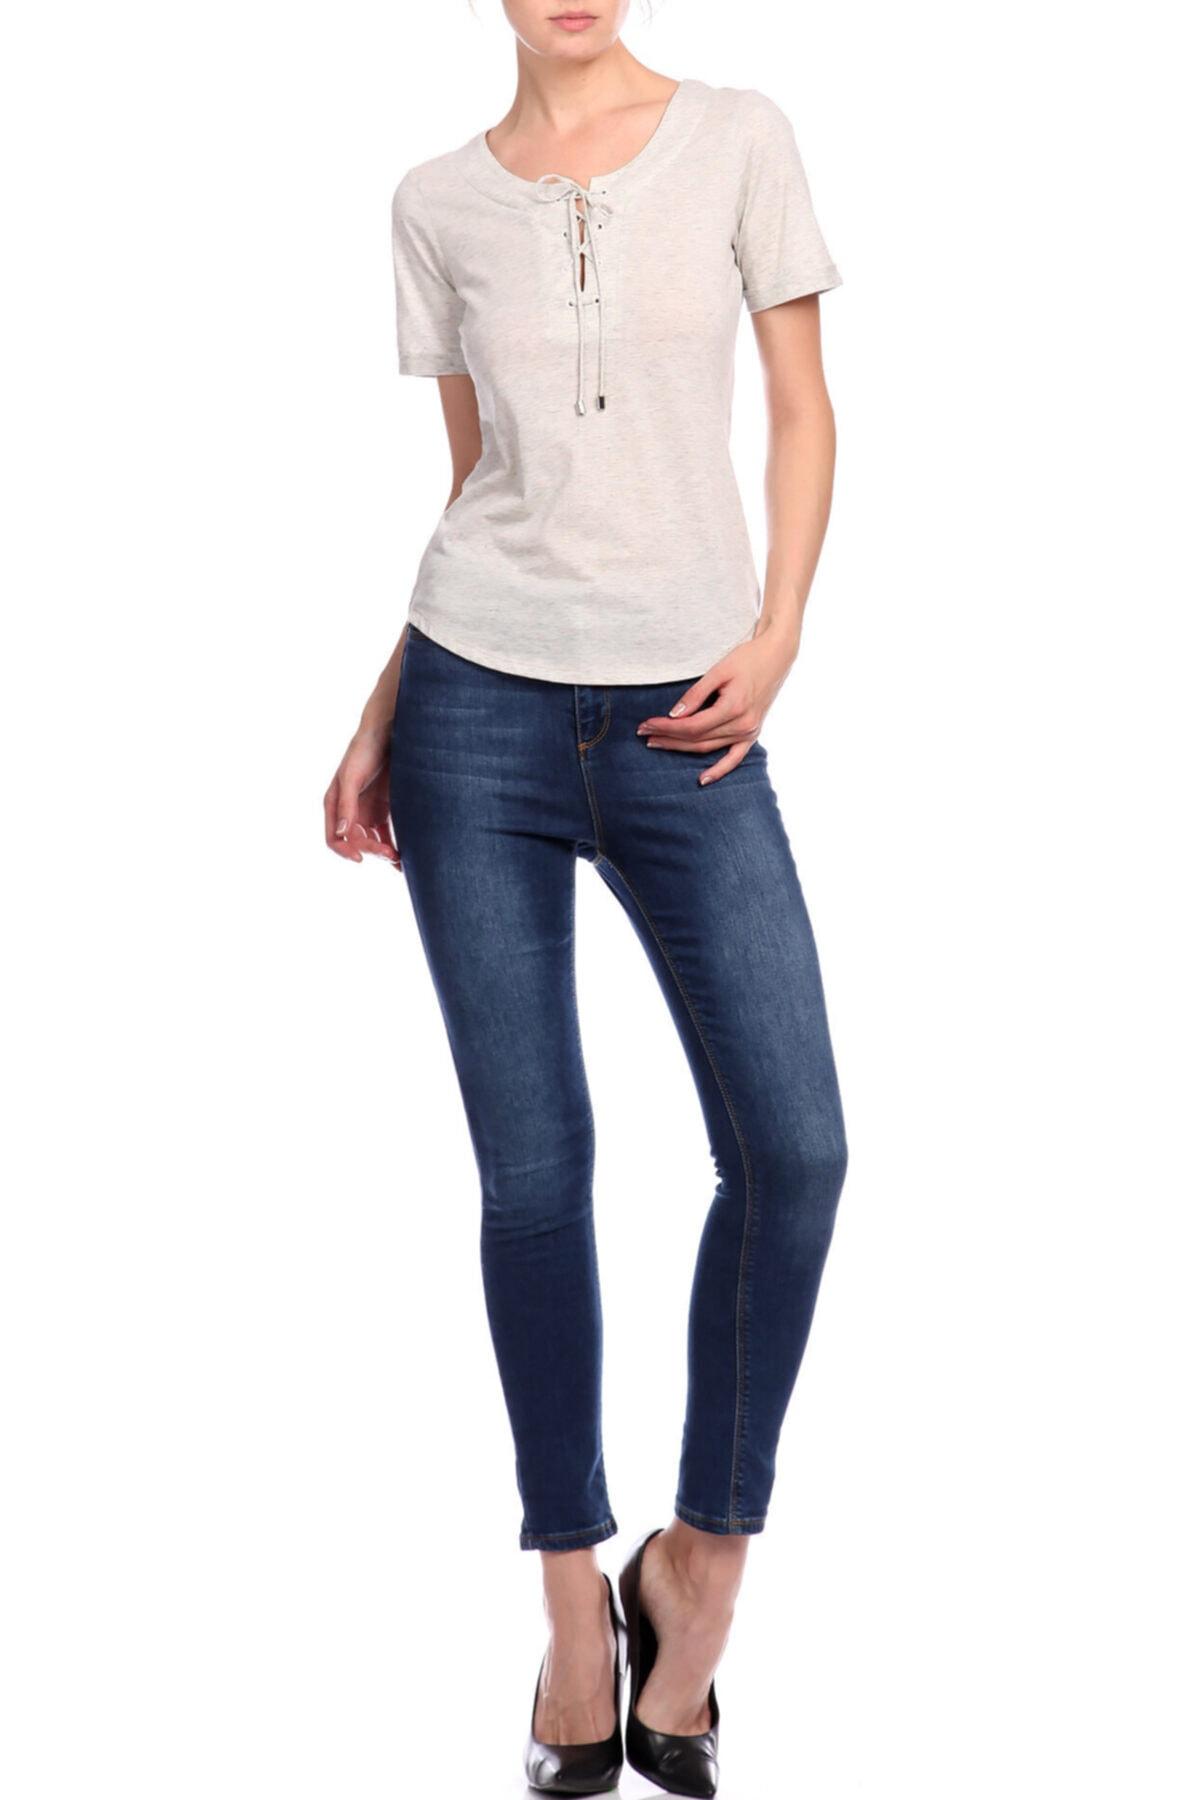 Karen Millen Gri T-shirt 2